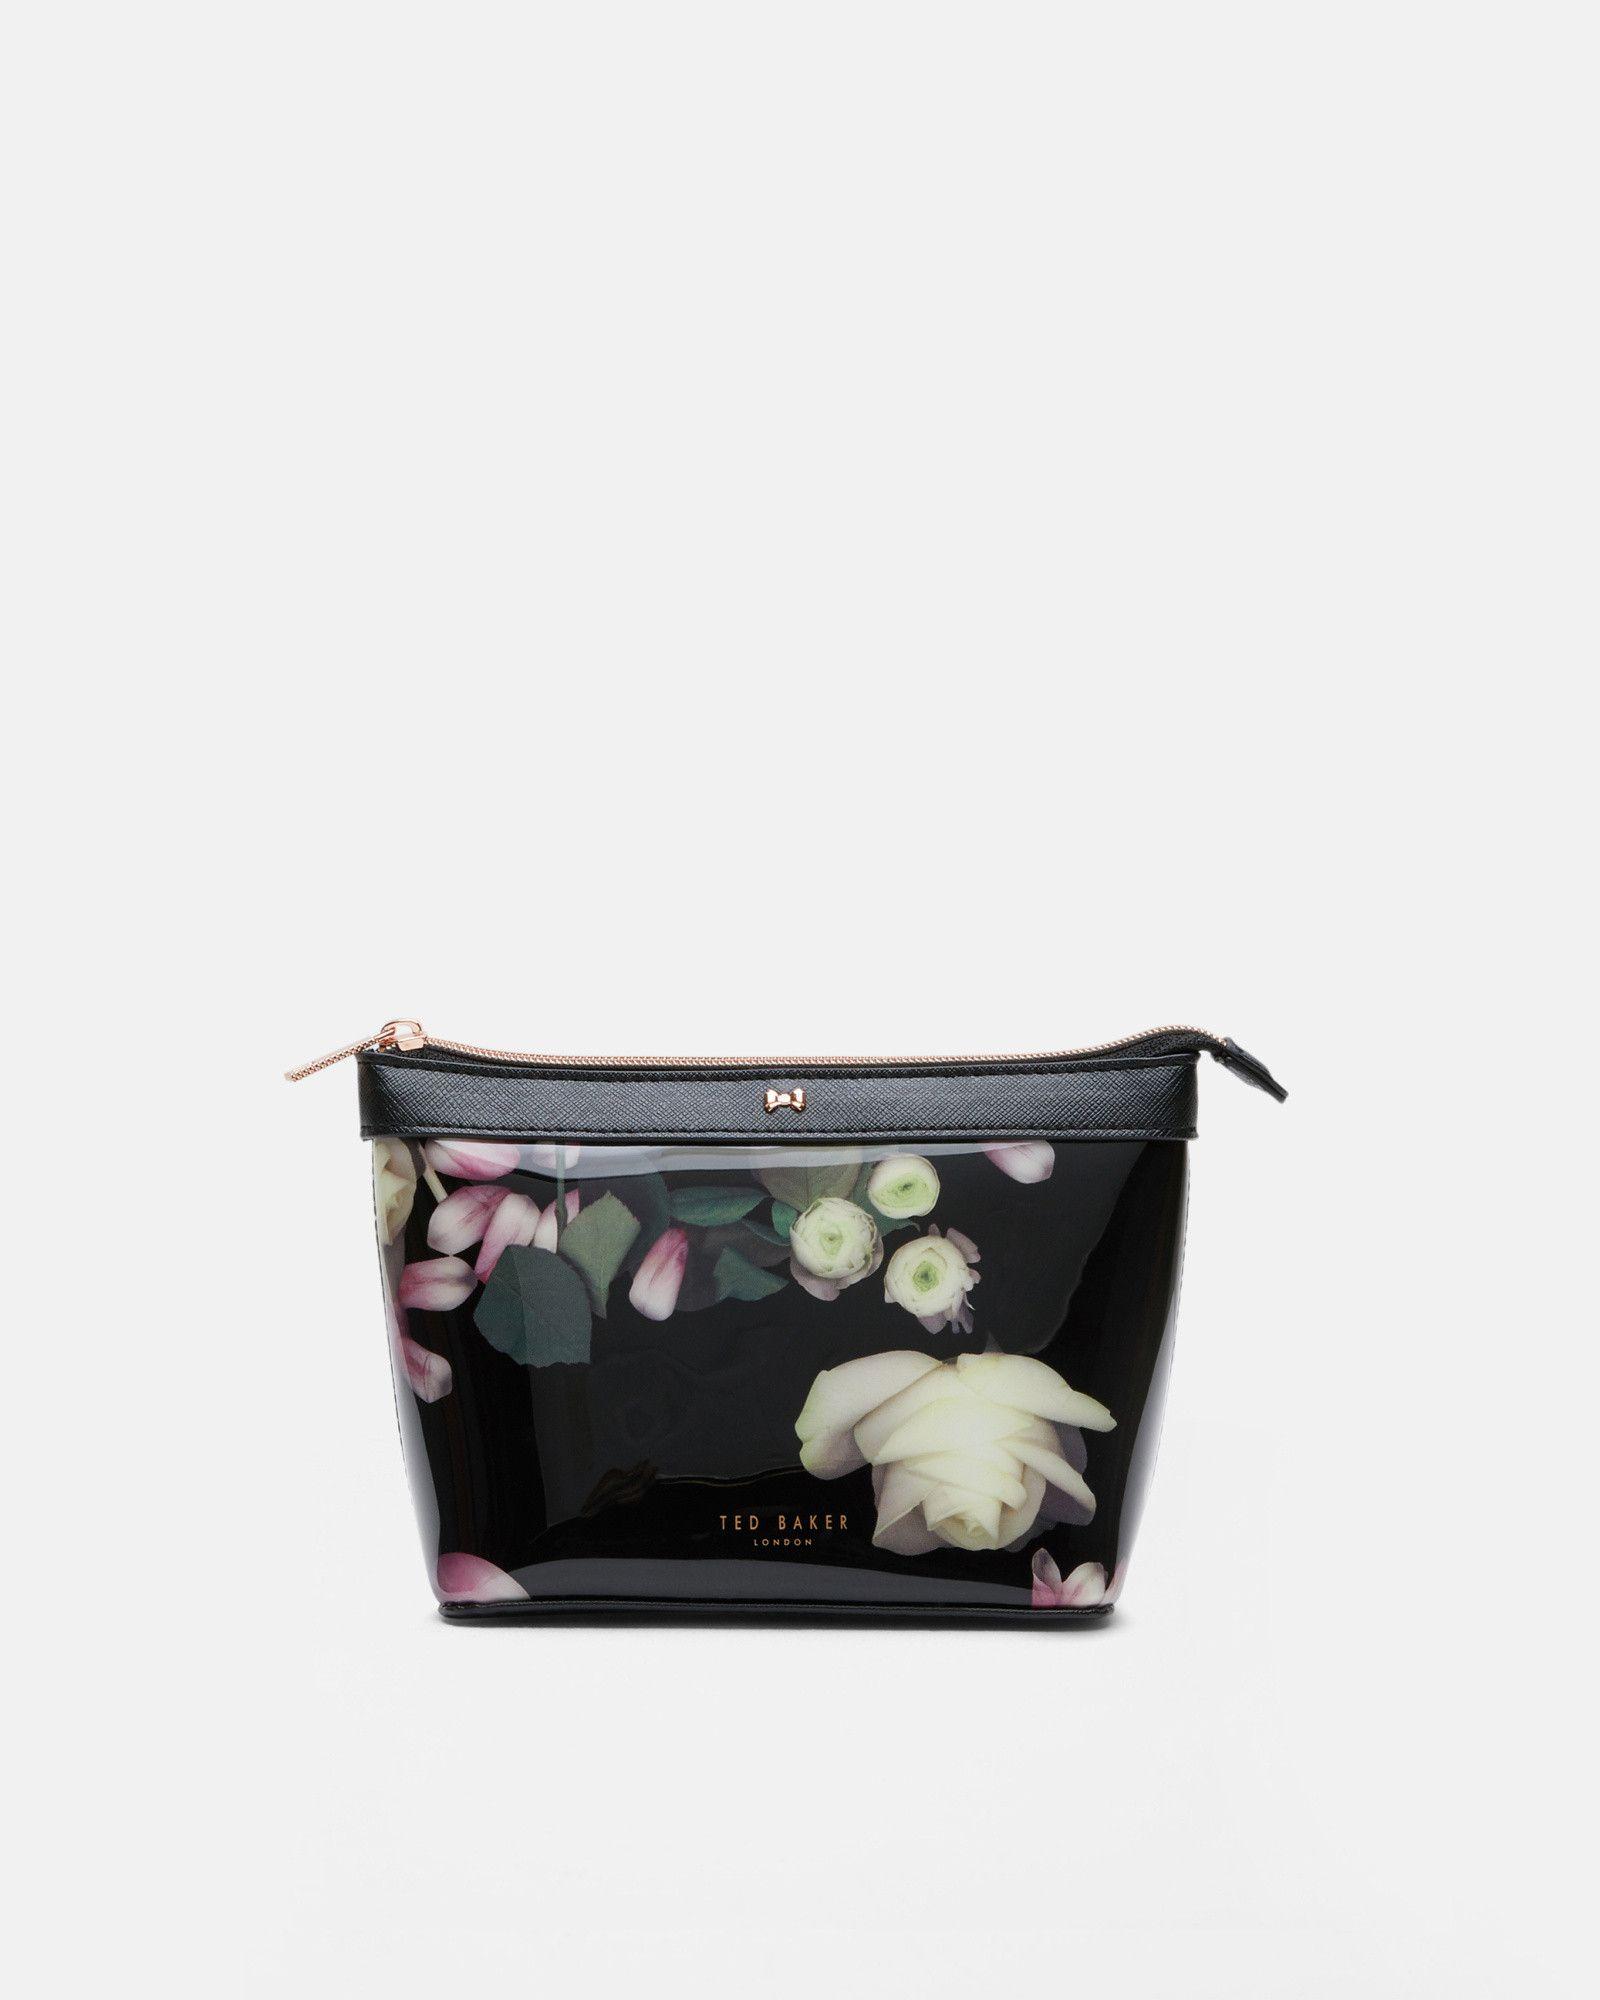 78008797adb Ted Baker Kensington Floral patent make up bag Black | Products ...